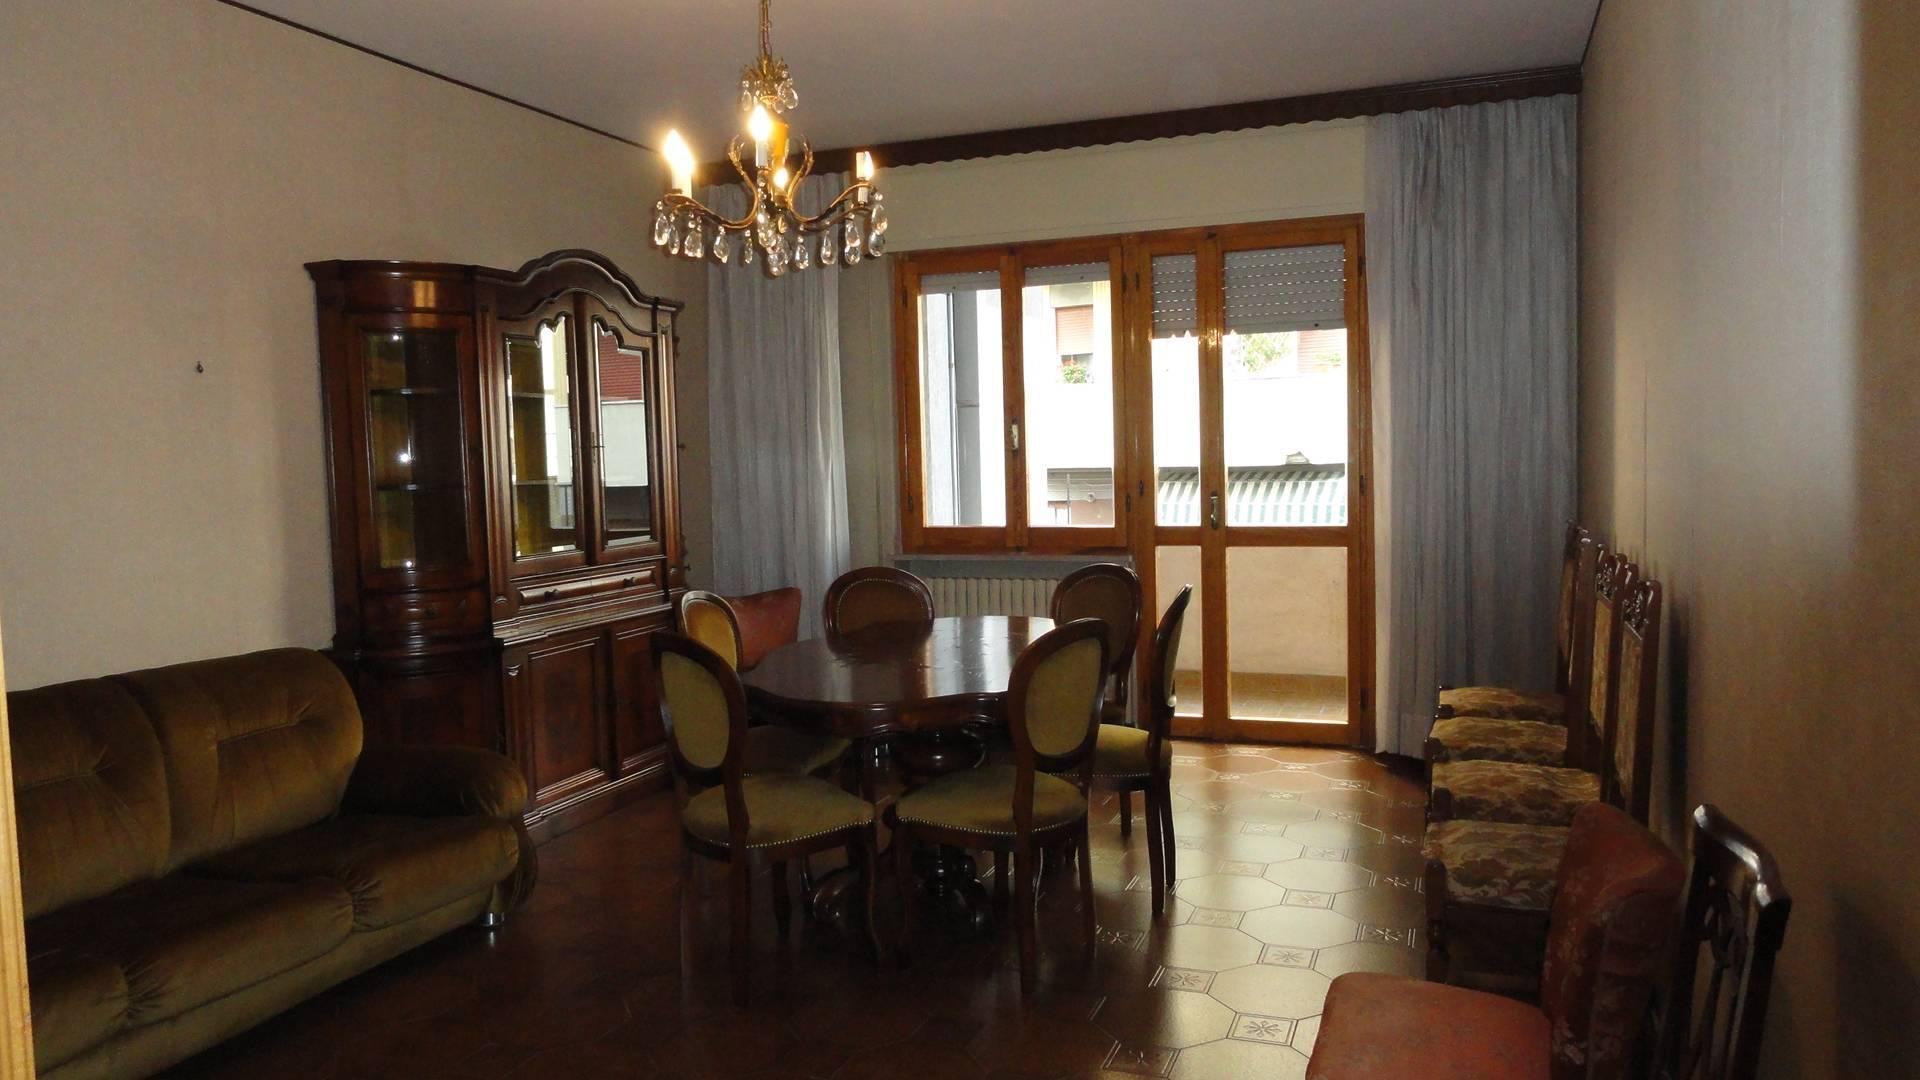 Appartamento in affitto a Teramo, 5 locali, zona Località: Stazione, prezzo € 420 | CambioCasa.it